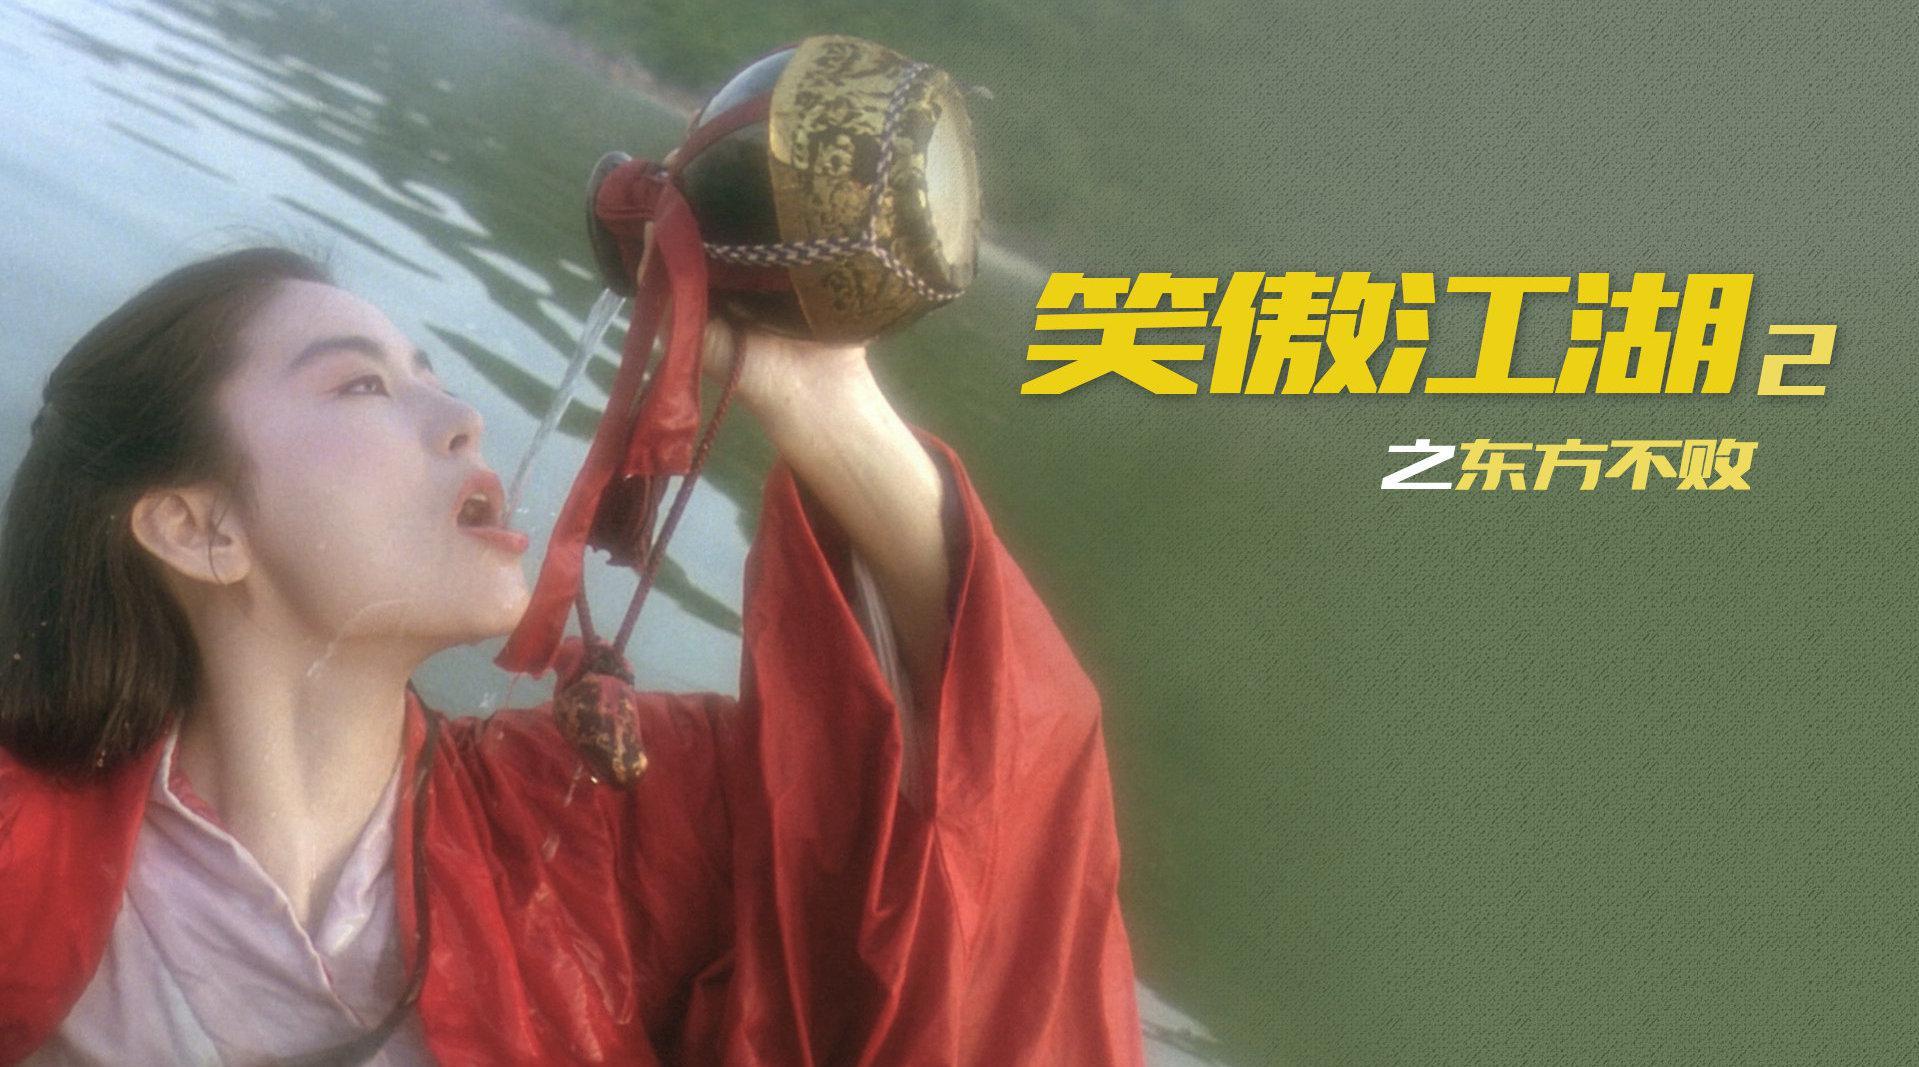 小侠解说《笑傲江湖2》武侠巅峰道破爱恨情仇……